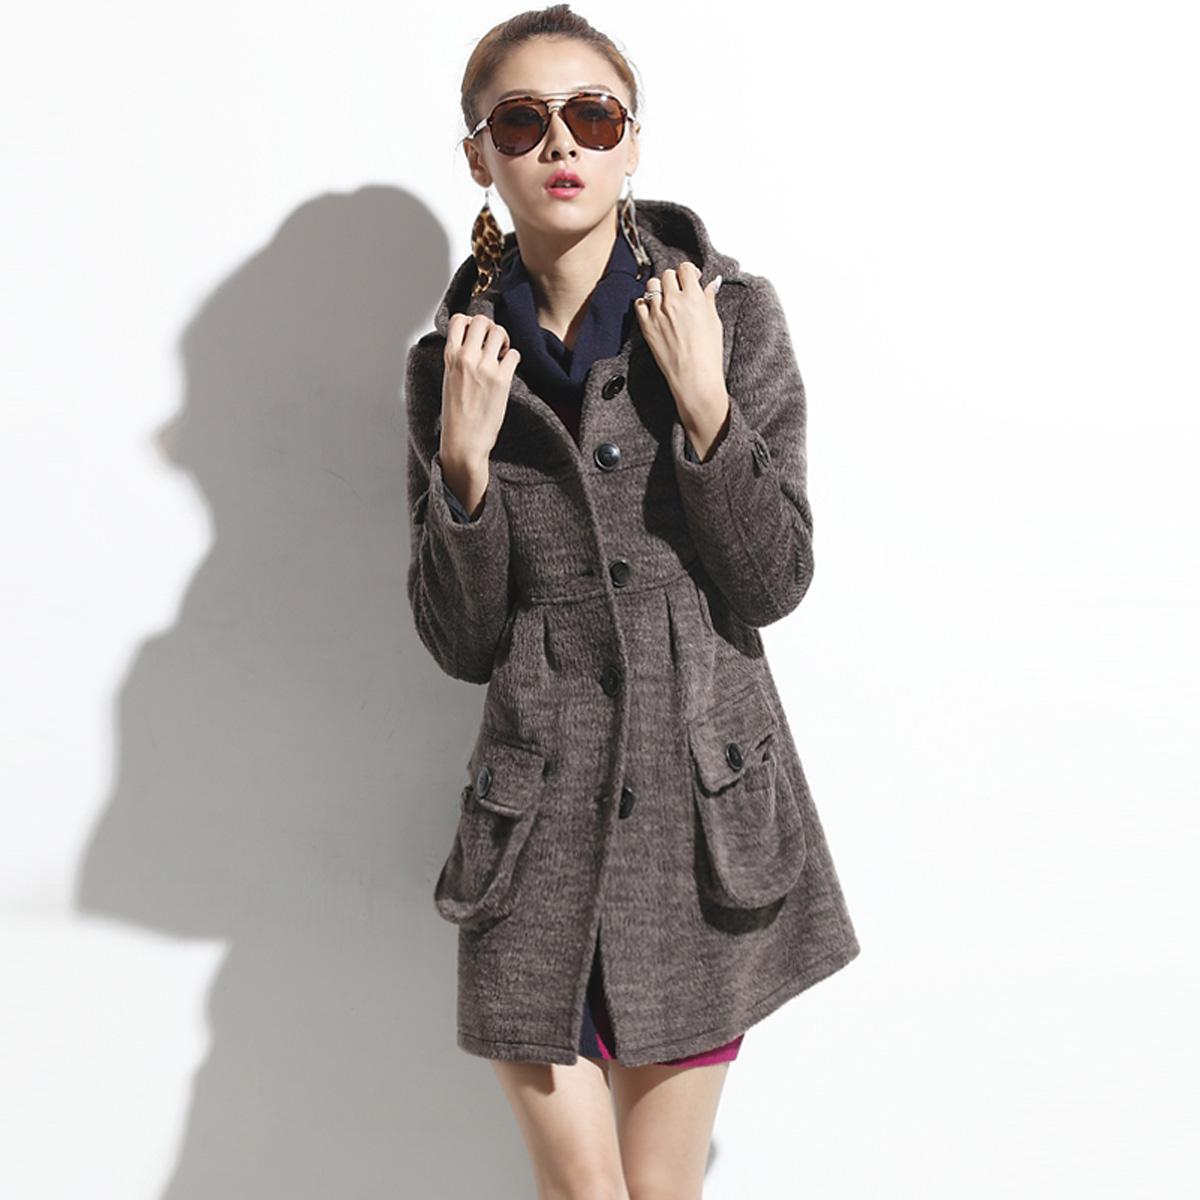 женское пальто Apocobpoco g0011 Осень 2013 Длинная модель (80 см<длина изделия ≤ 100 см) Apocobpoco Длинный рукав Классический рукав